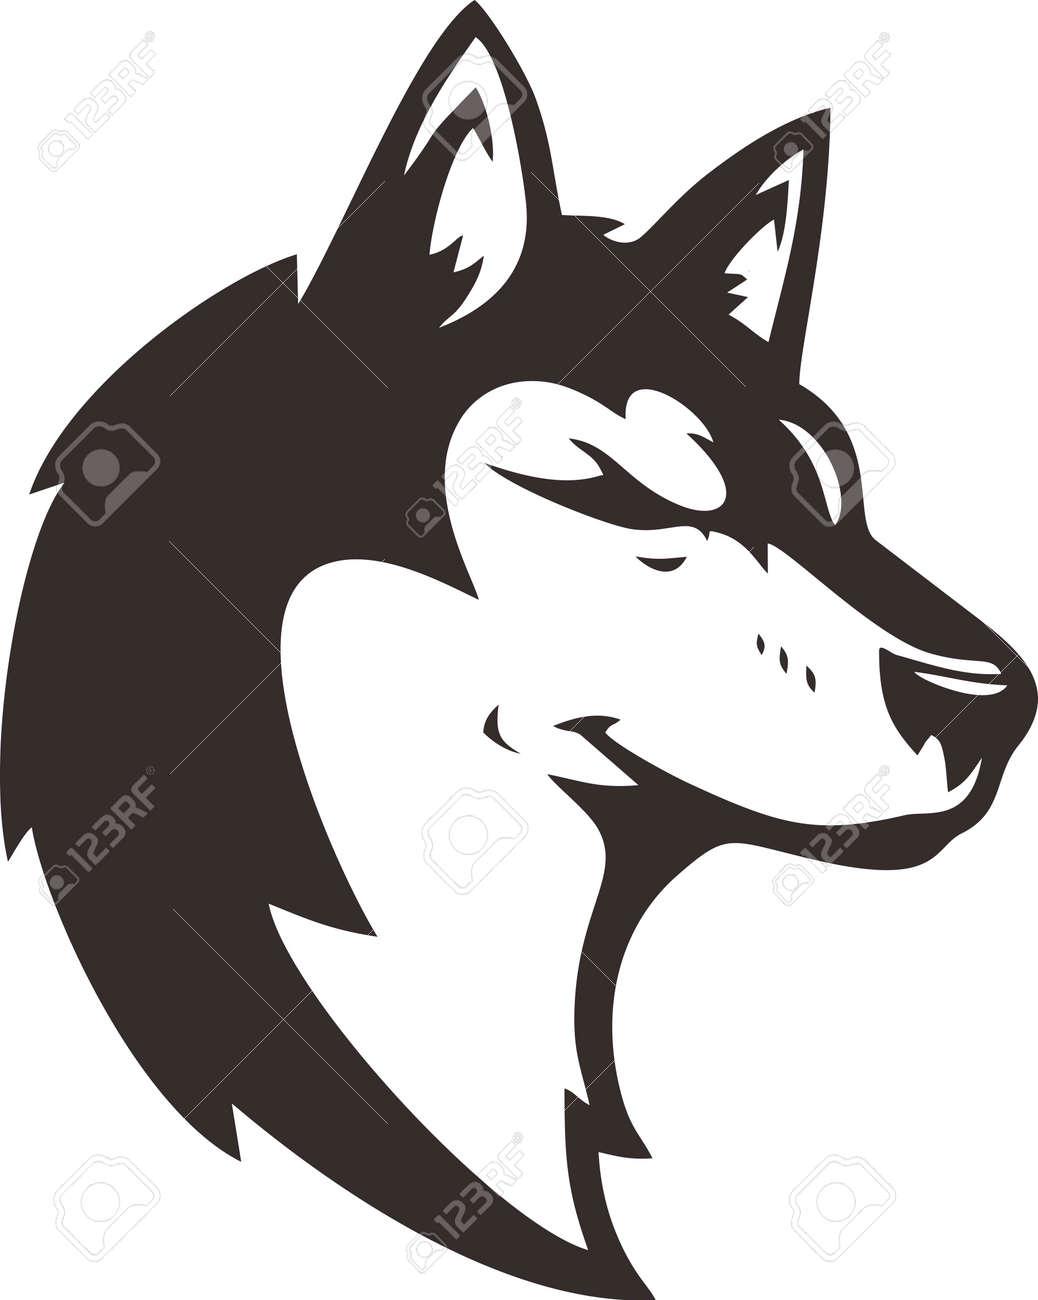 狼頭のシルエットのイラスト素材ベクタ Image 40908922